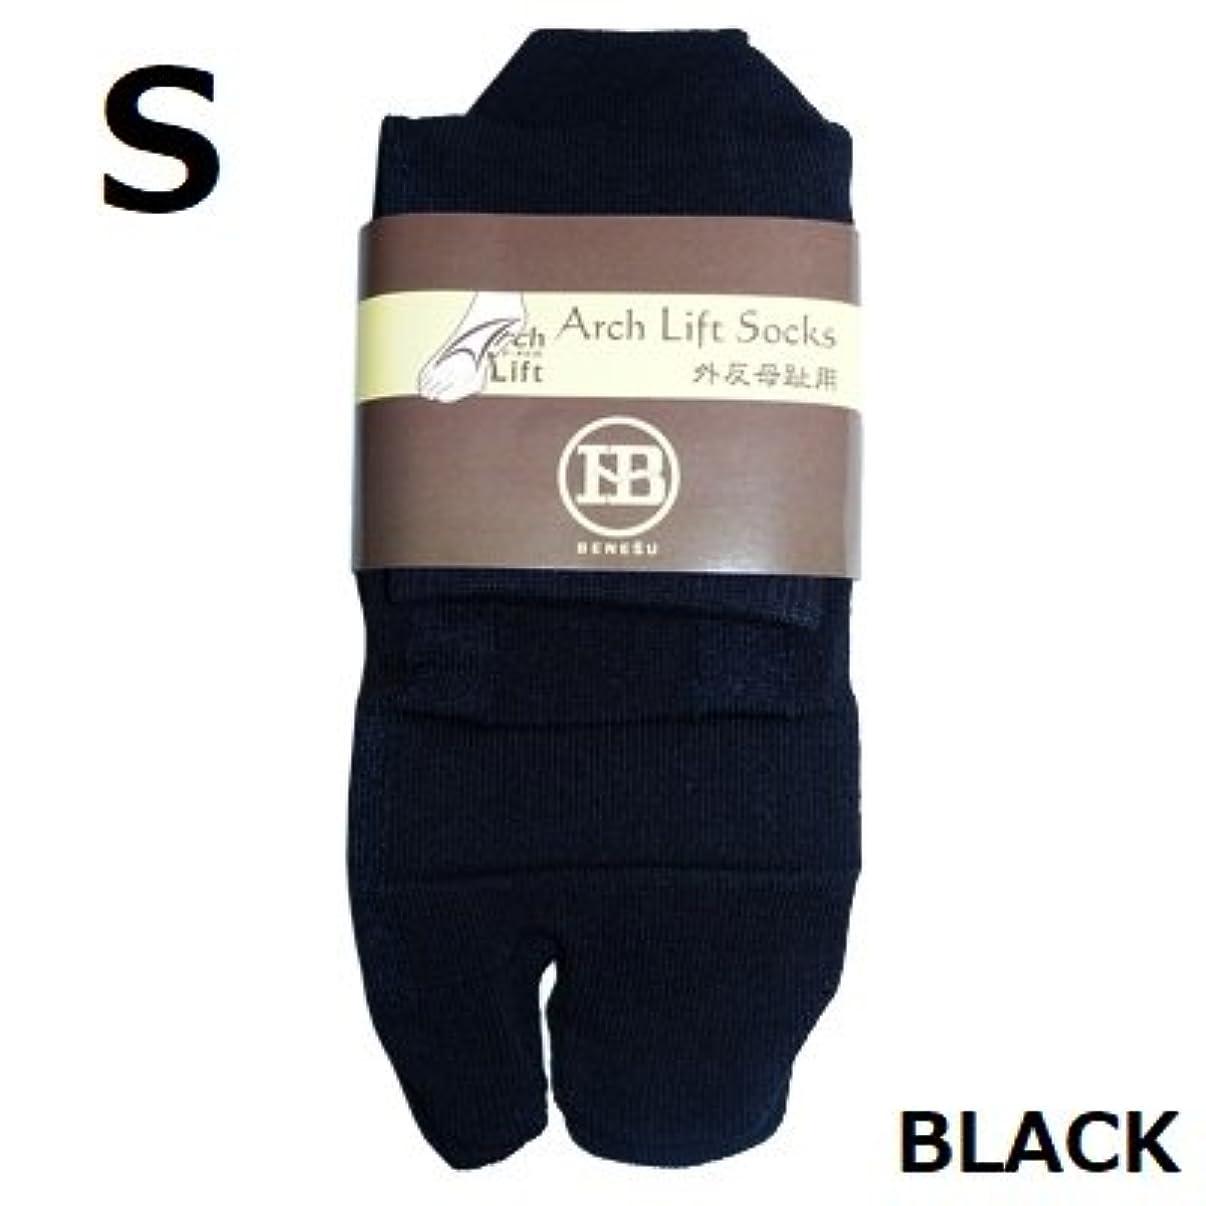 カメボール南西アーチライフソックス 外反母趾 テーピング加工靴下 サポーター(カラー:黒色)(サイズ:S)